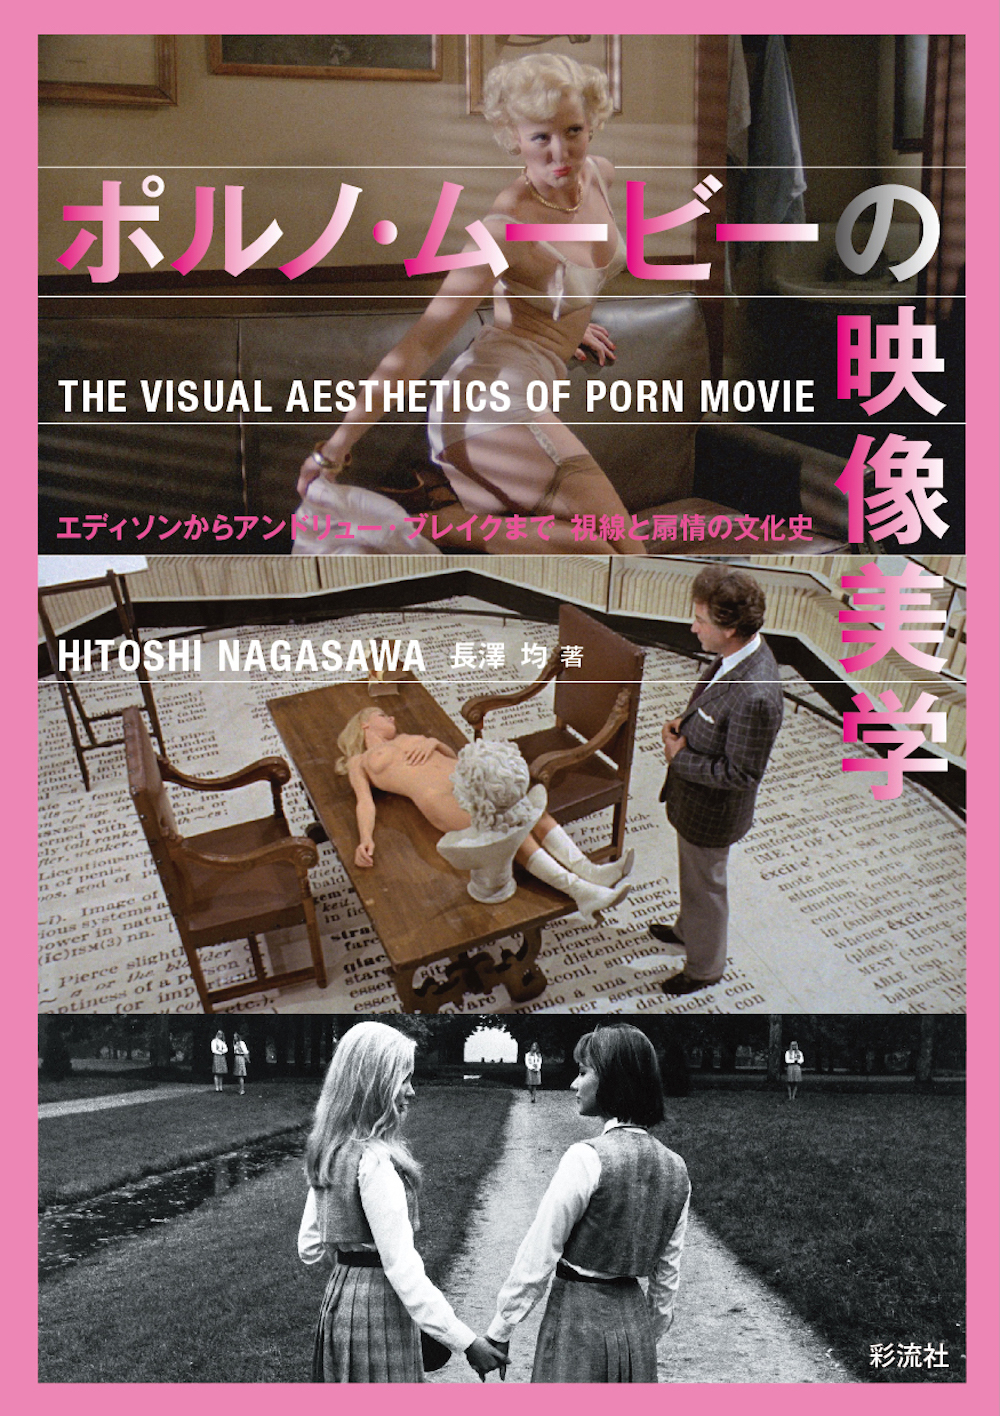 『ポルノ・ムービーの映像美学』(長澤 均 著/彩流社)